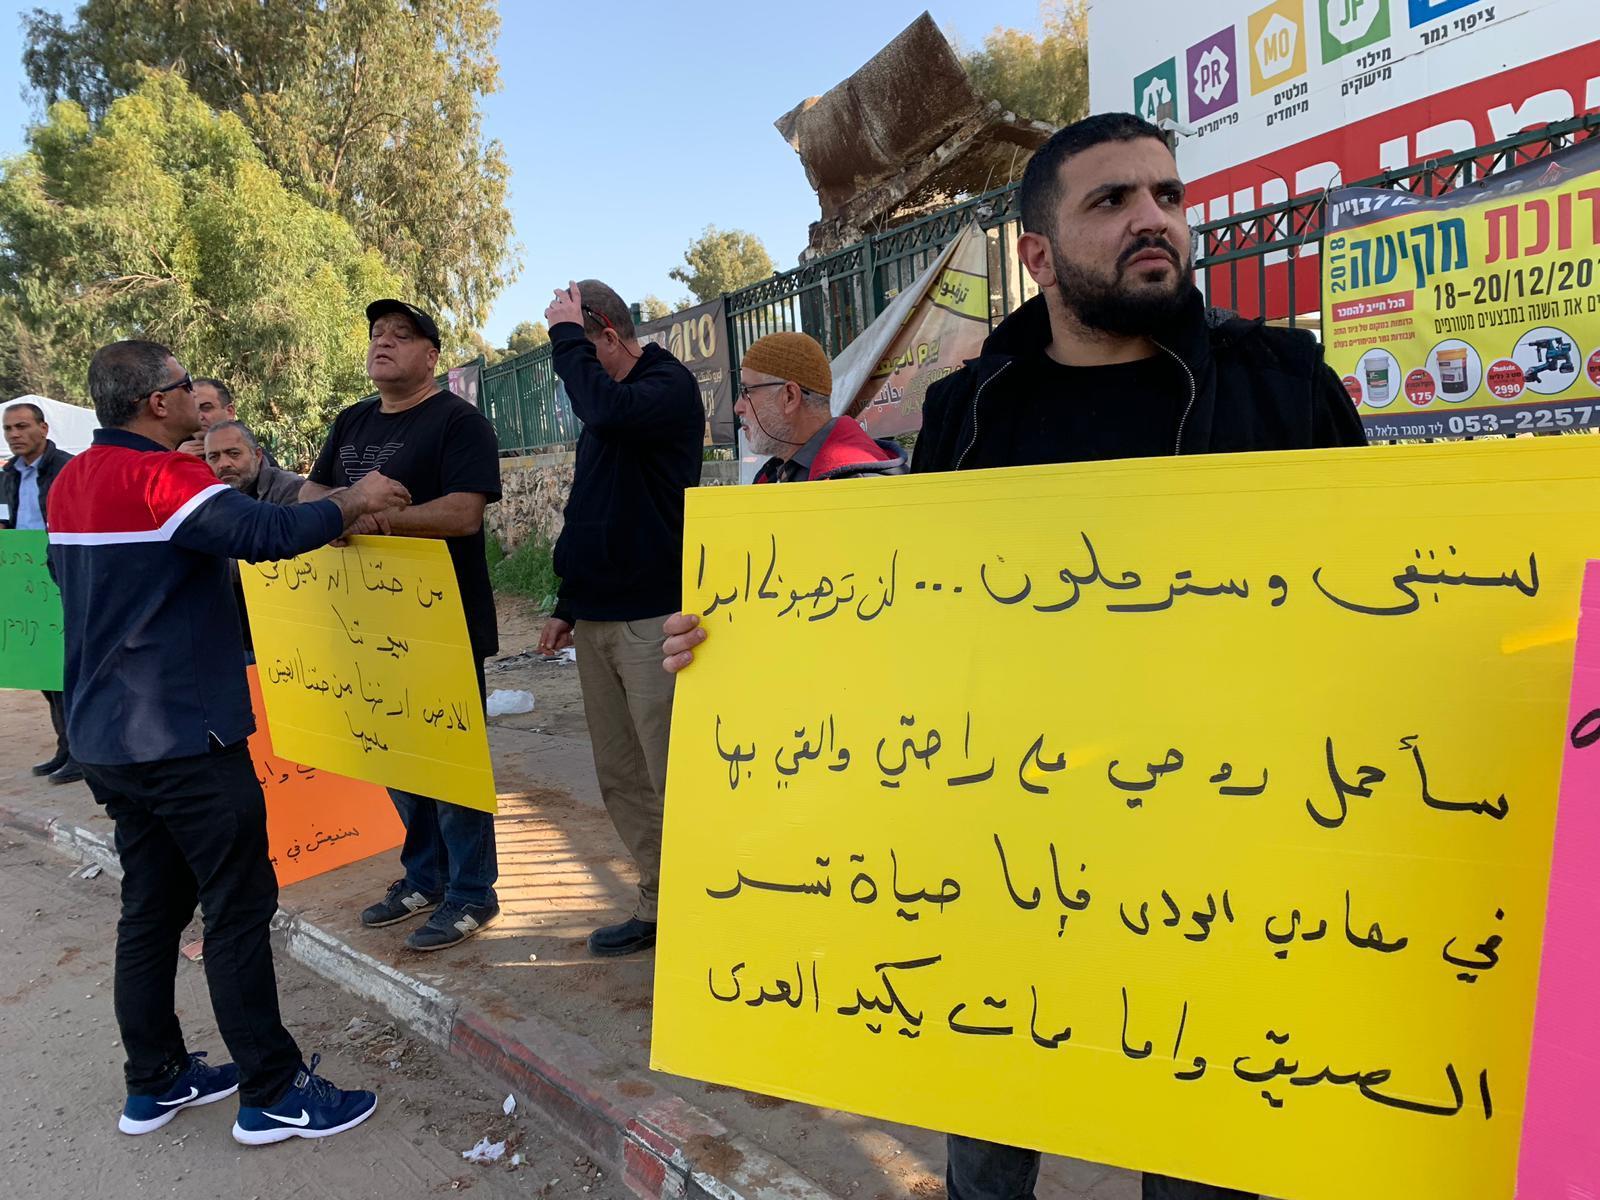 قلنسوة: العشرات يحتجون على سياسة الهدم